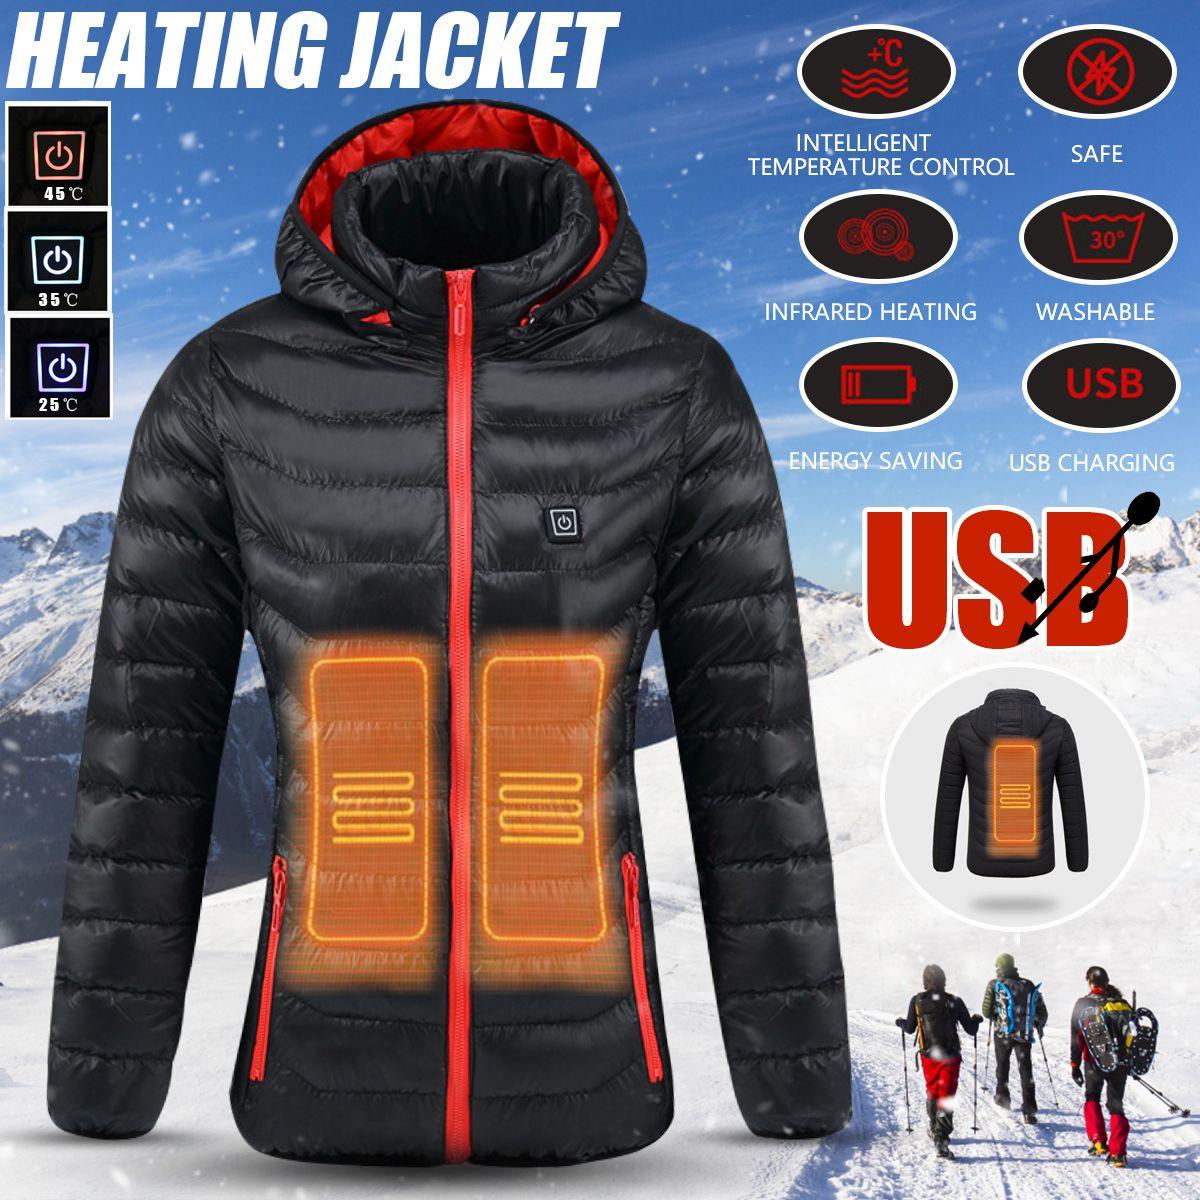 Frauen Winter USB Heizung Jacke Beheizte Sicherheit Jacke Mit Kapuze Arbeit Mäntel Einstellbare Temperatur Control Sicherheit Kleidung S/M/ l/XL